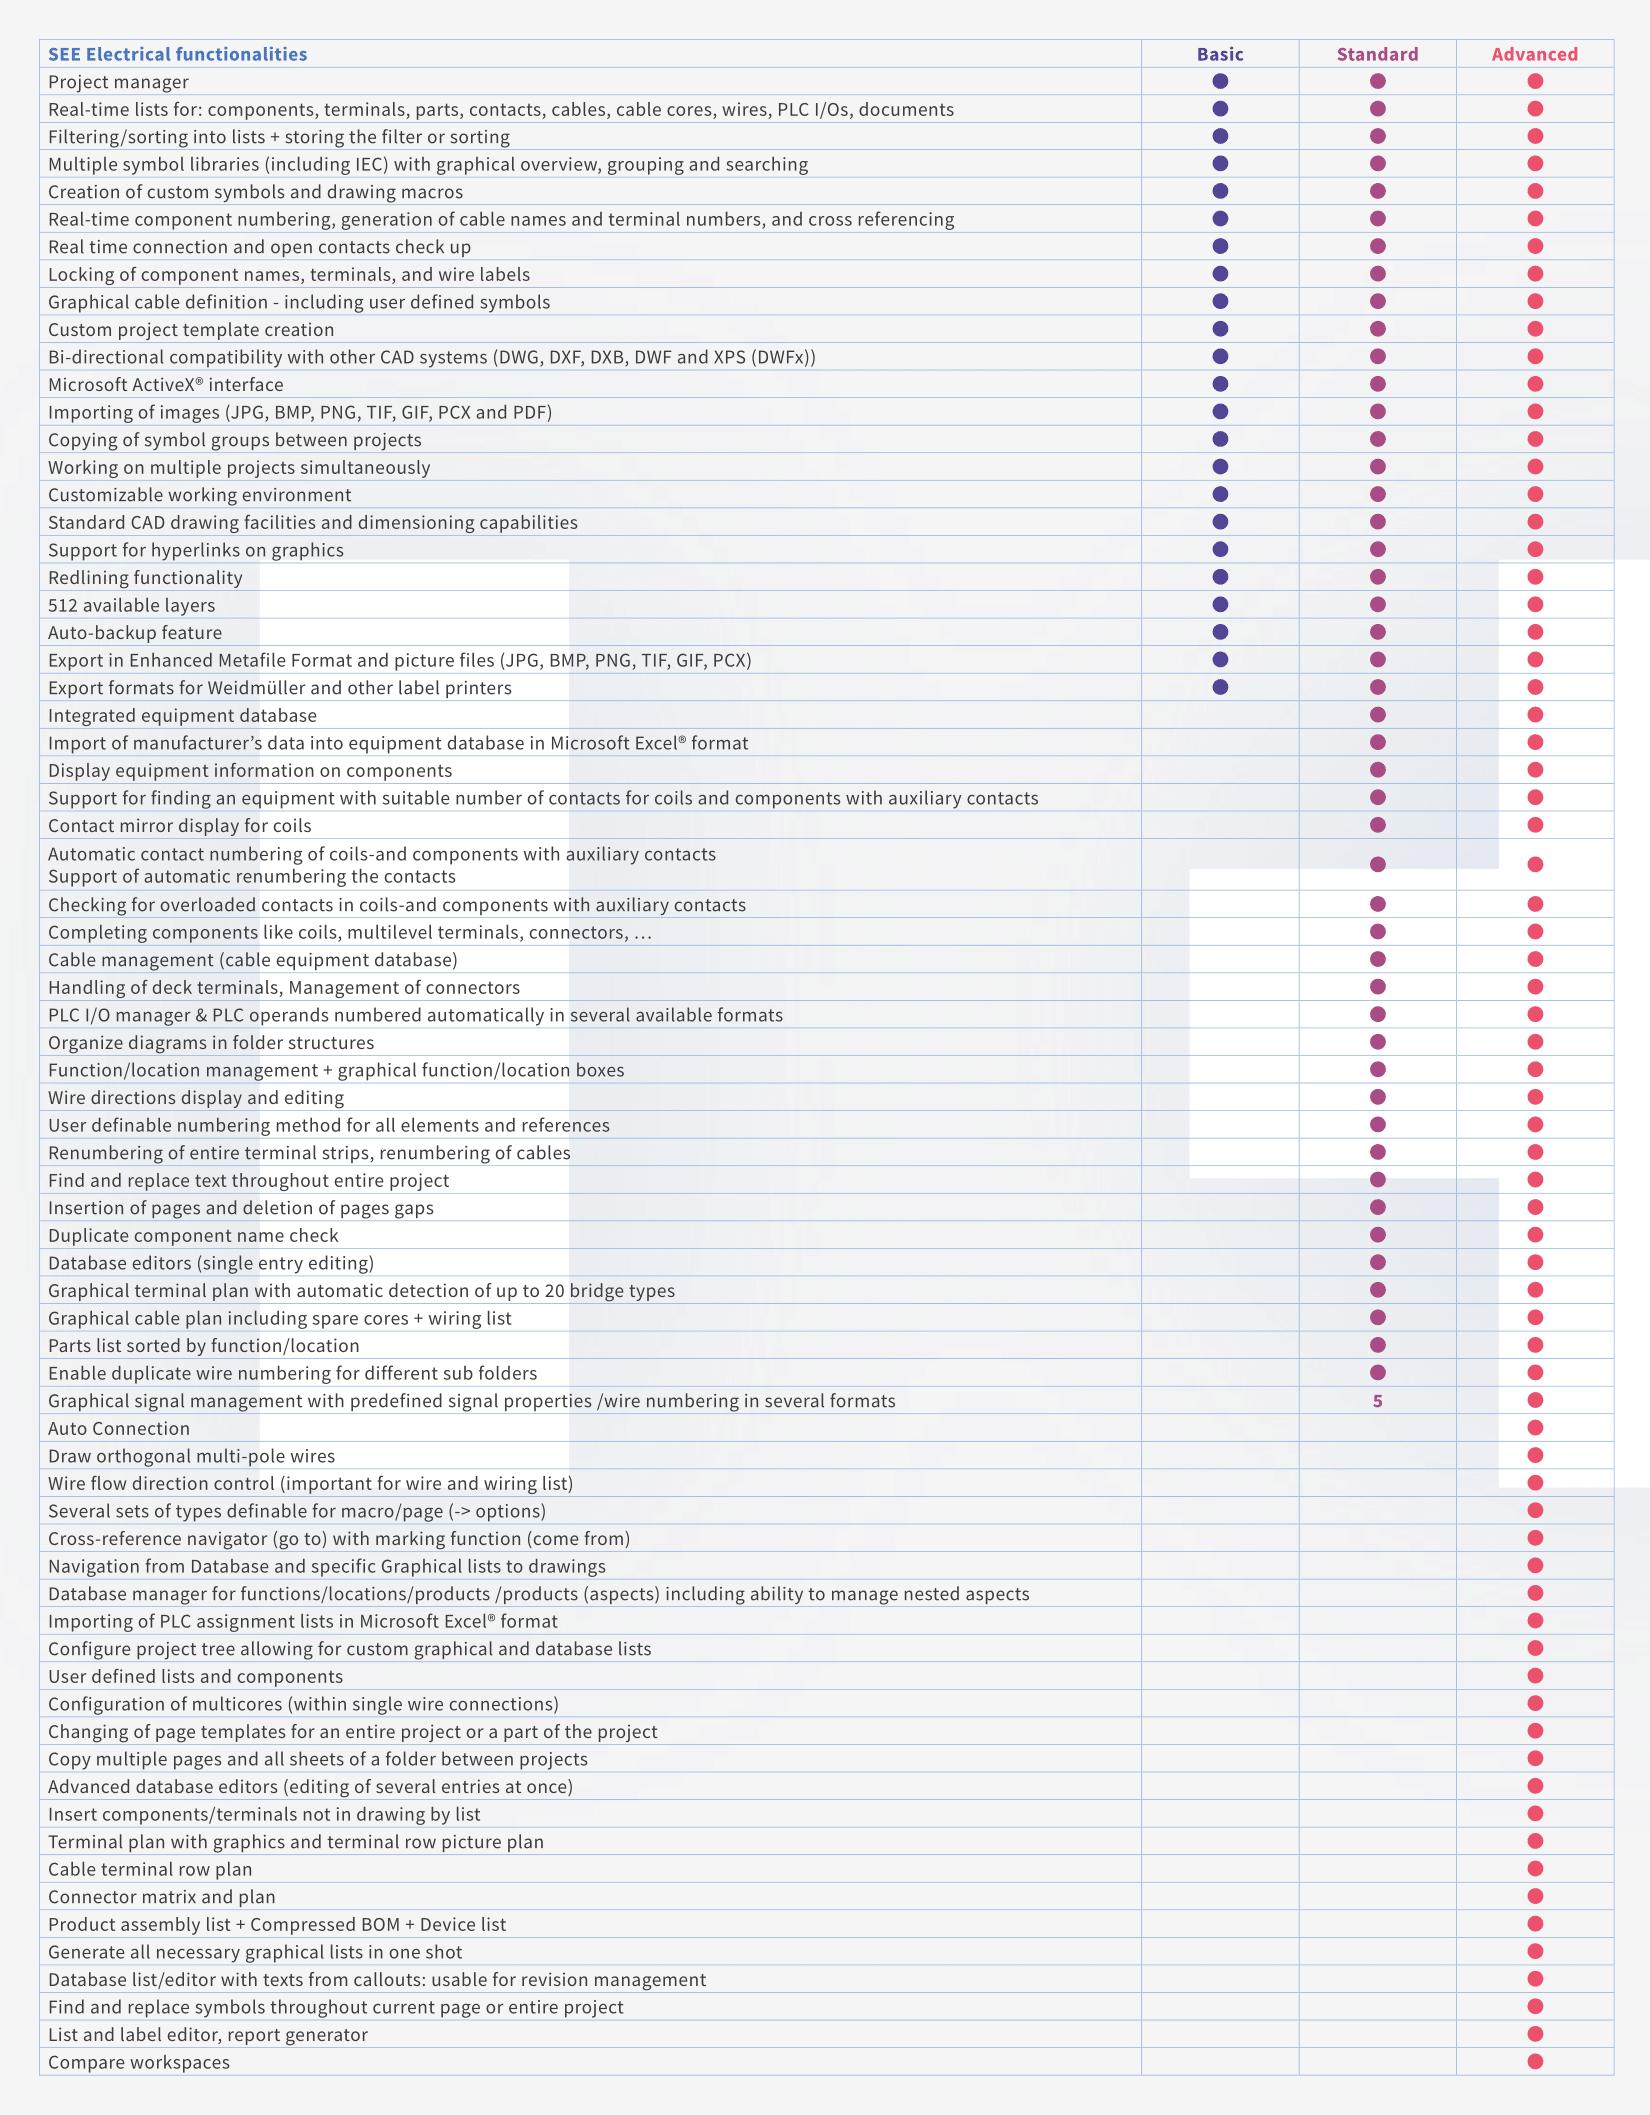 Tableau des fonctionnalités SEE Electrical